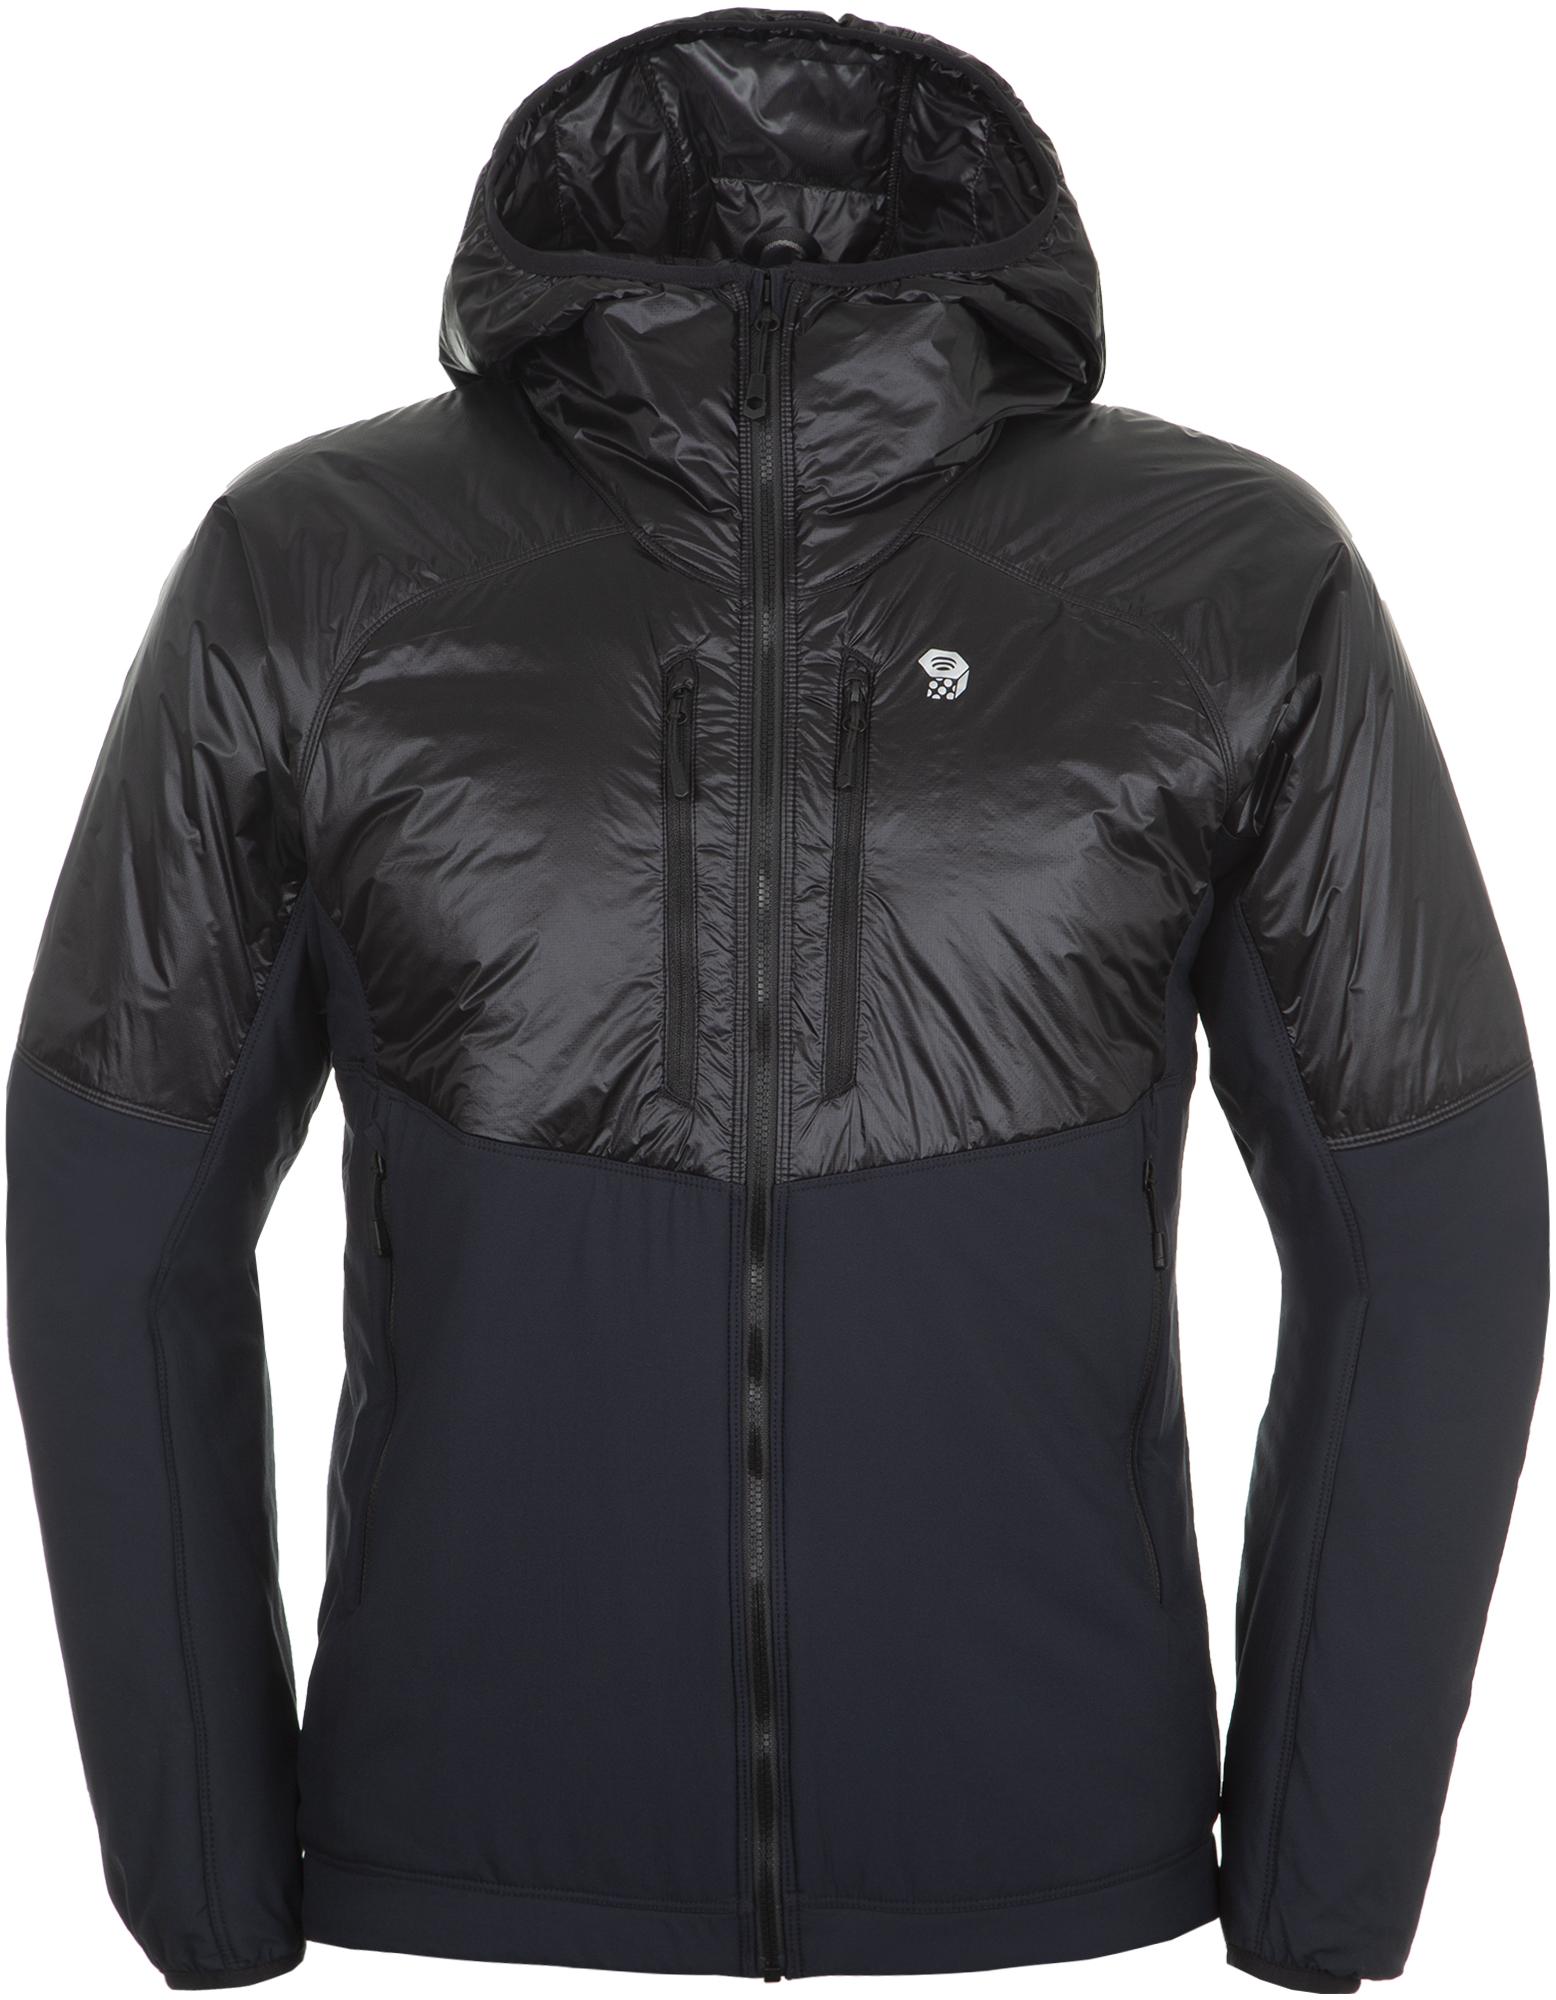 Mountain Hardwear Куртка утепленная мужская Mountain Hardwear Kor Strata, размер 48 mountain hardwear куртка утепленная мужская mountain hardwear radian размер 56